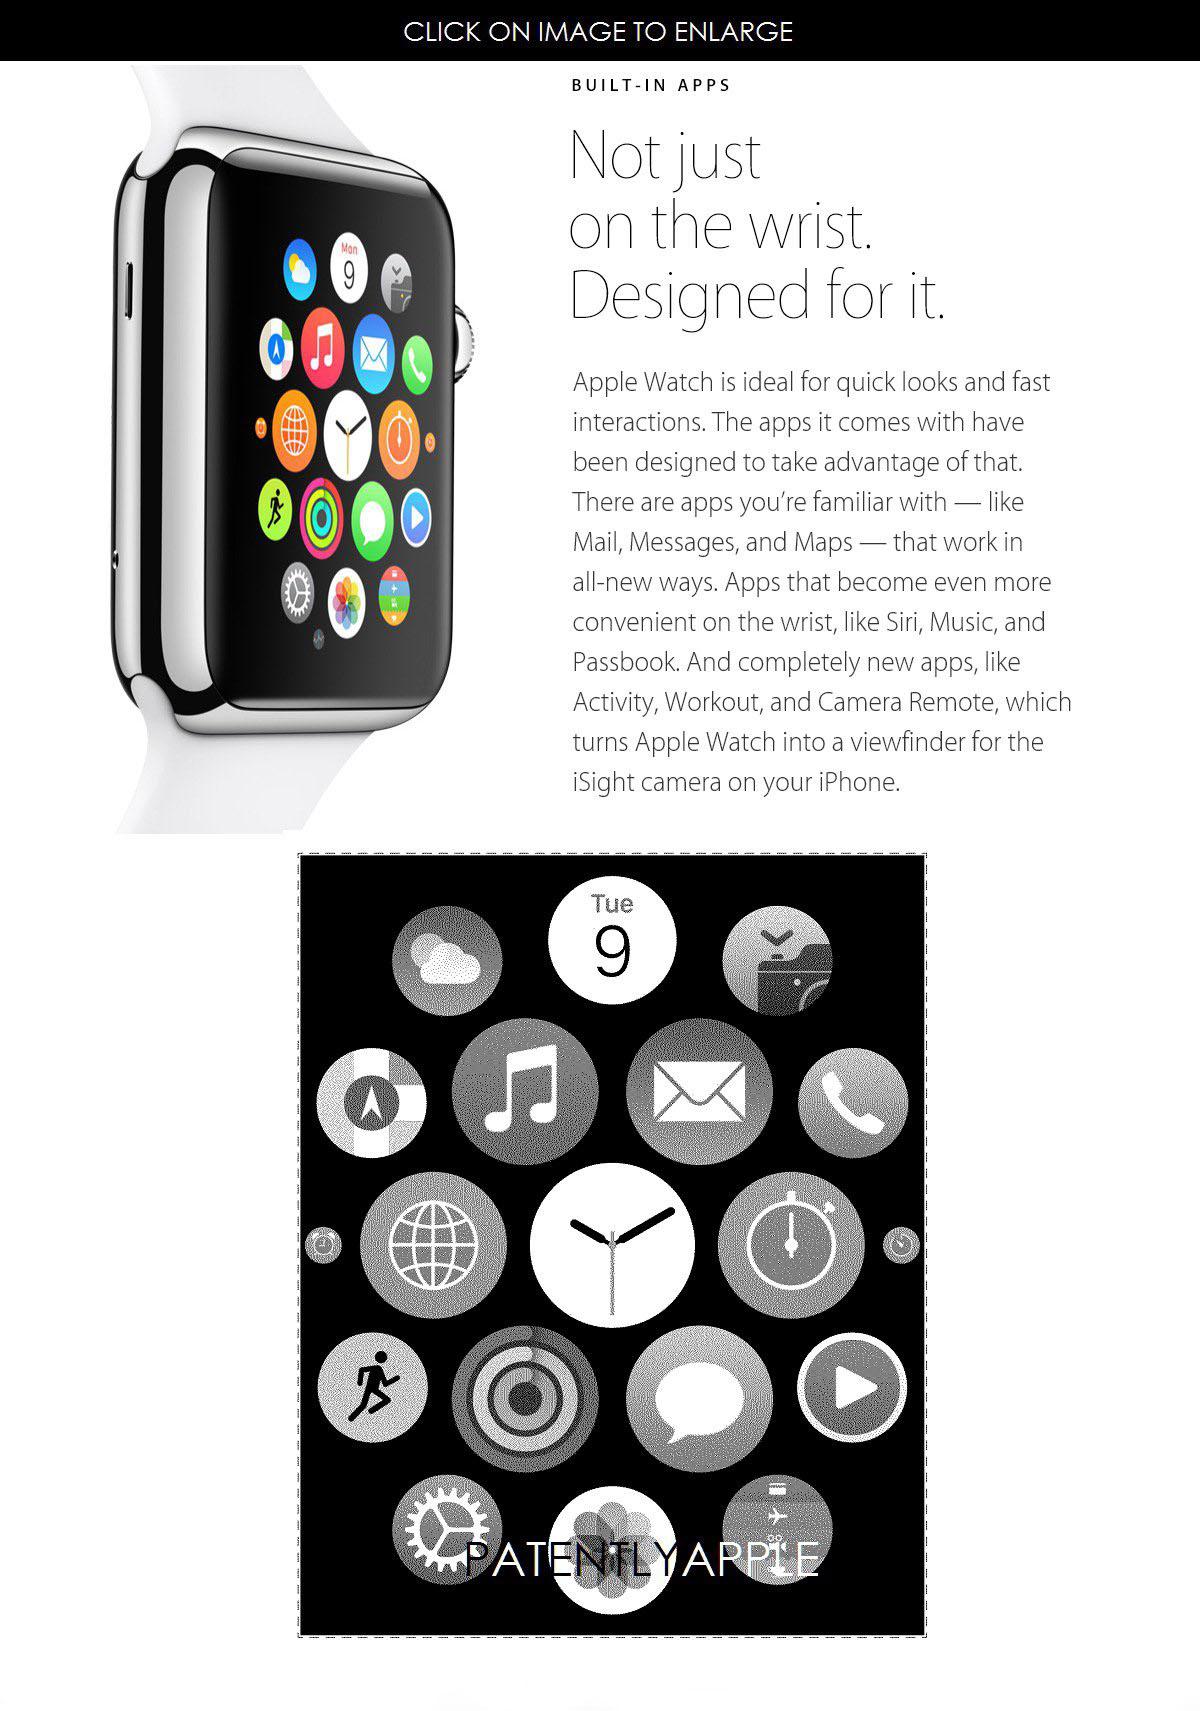 苹果获得 Apple Watch 主屏应用排列方式专利